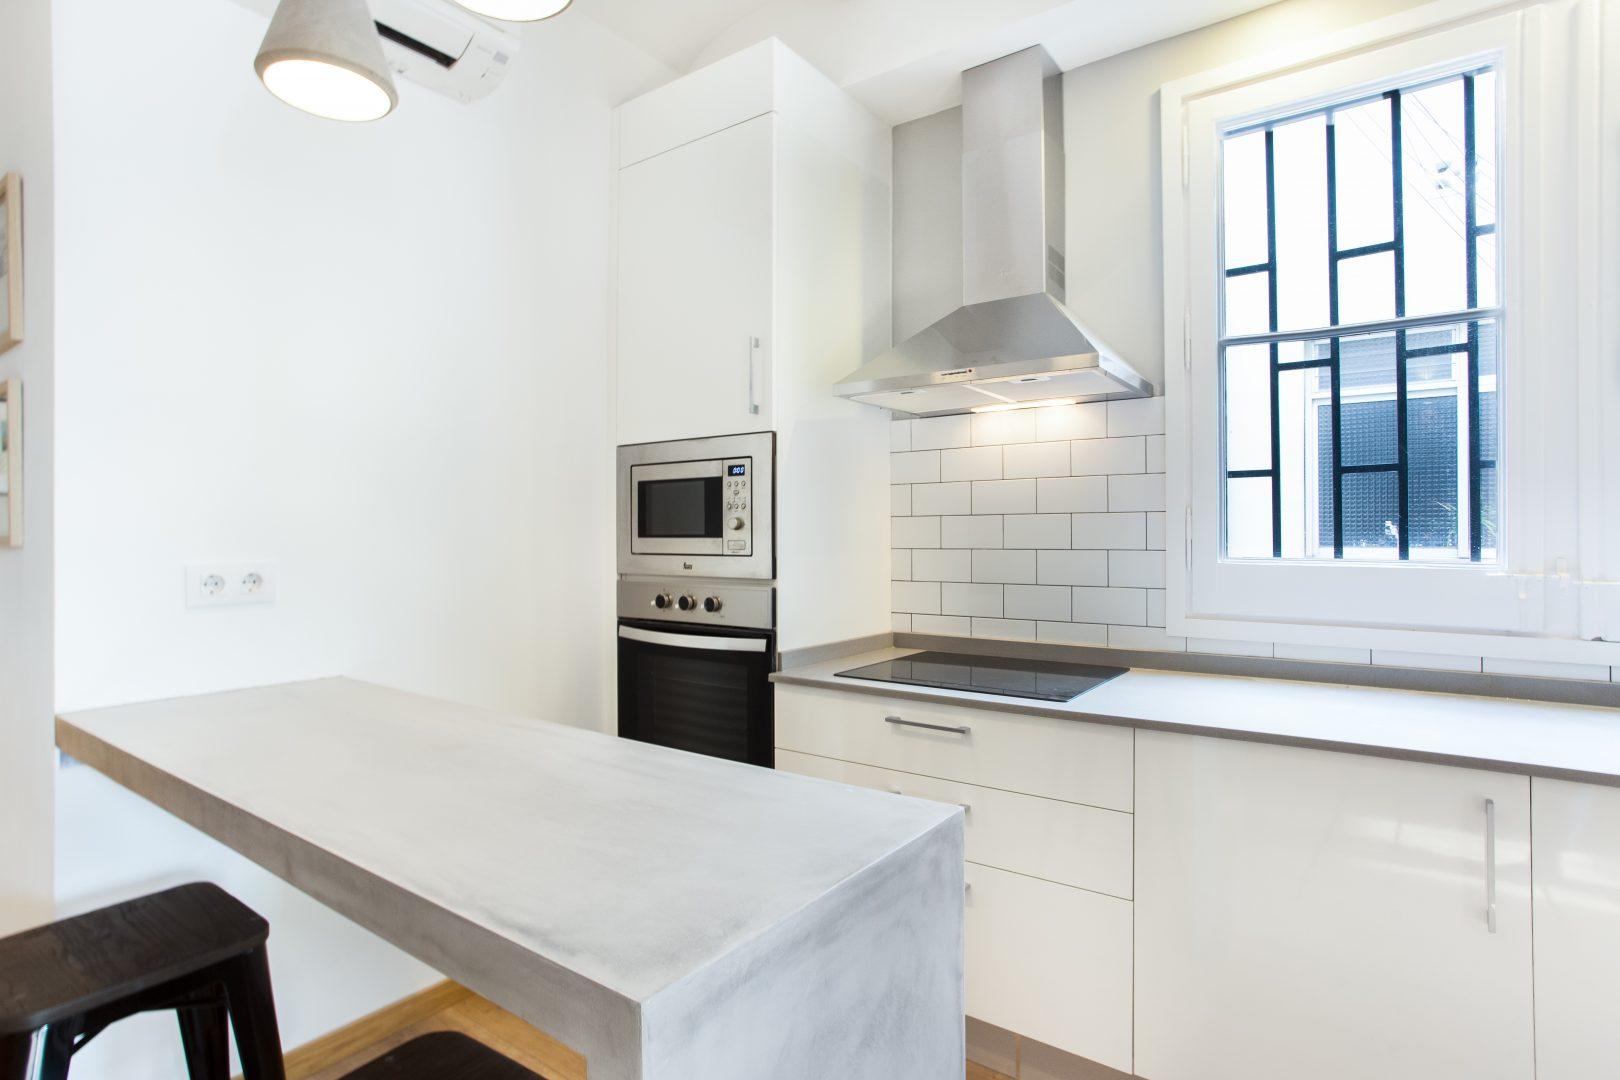 reforma cocina minimalista